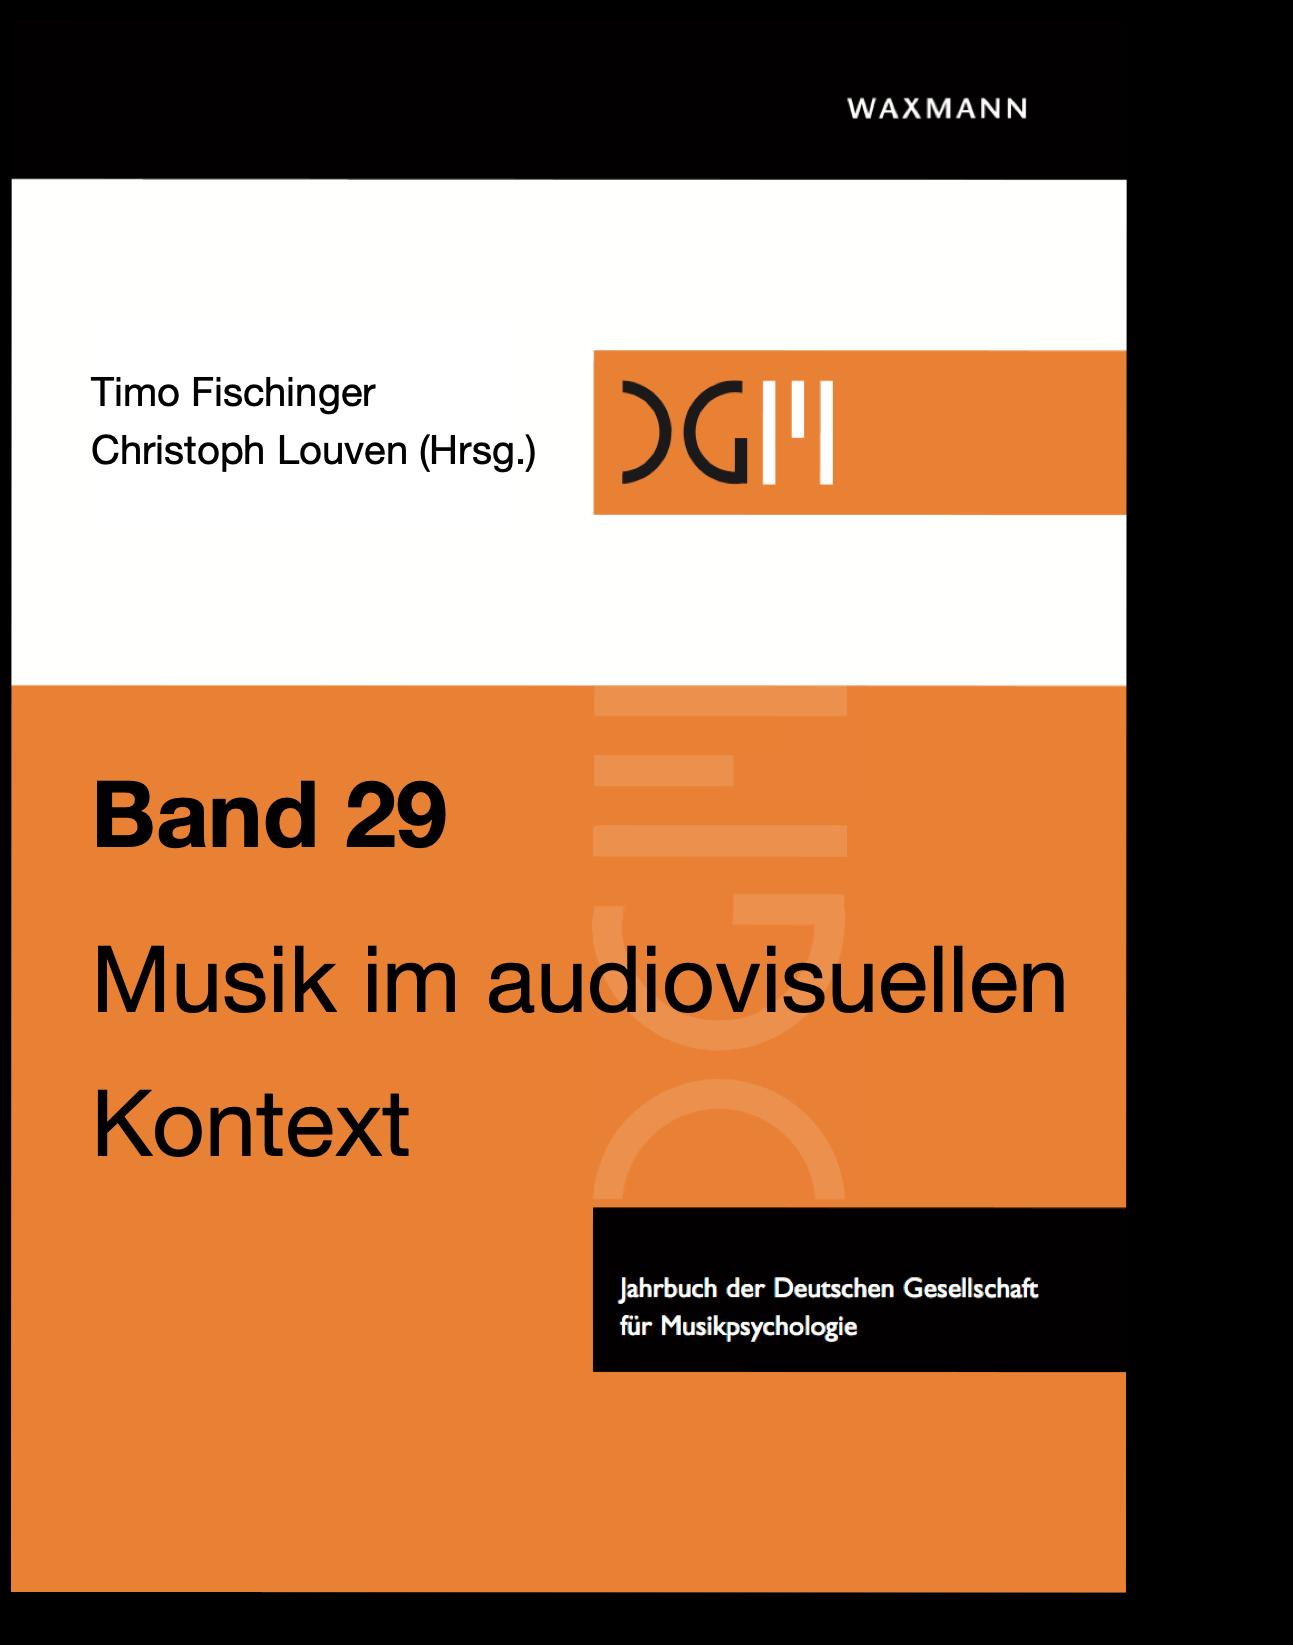 Cover von Band 29 des Jahrbuchs Musikpsychologie